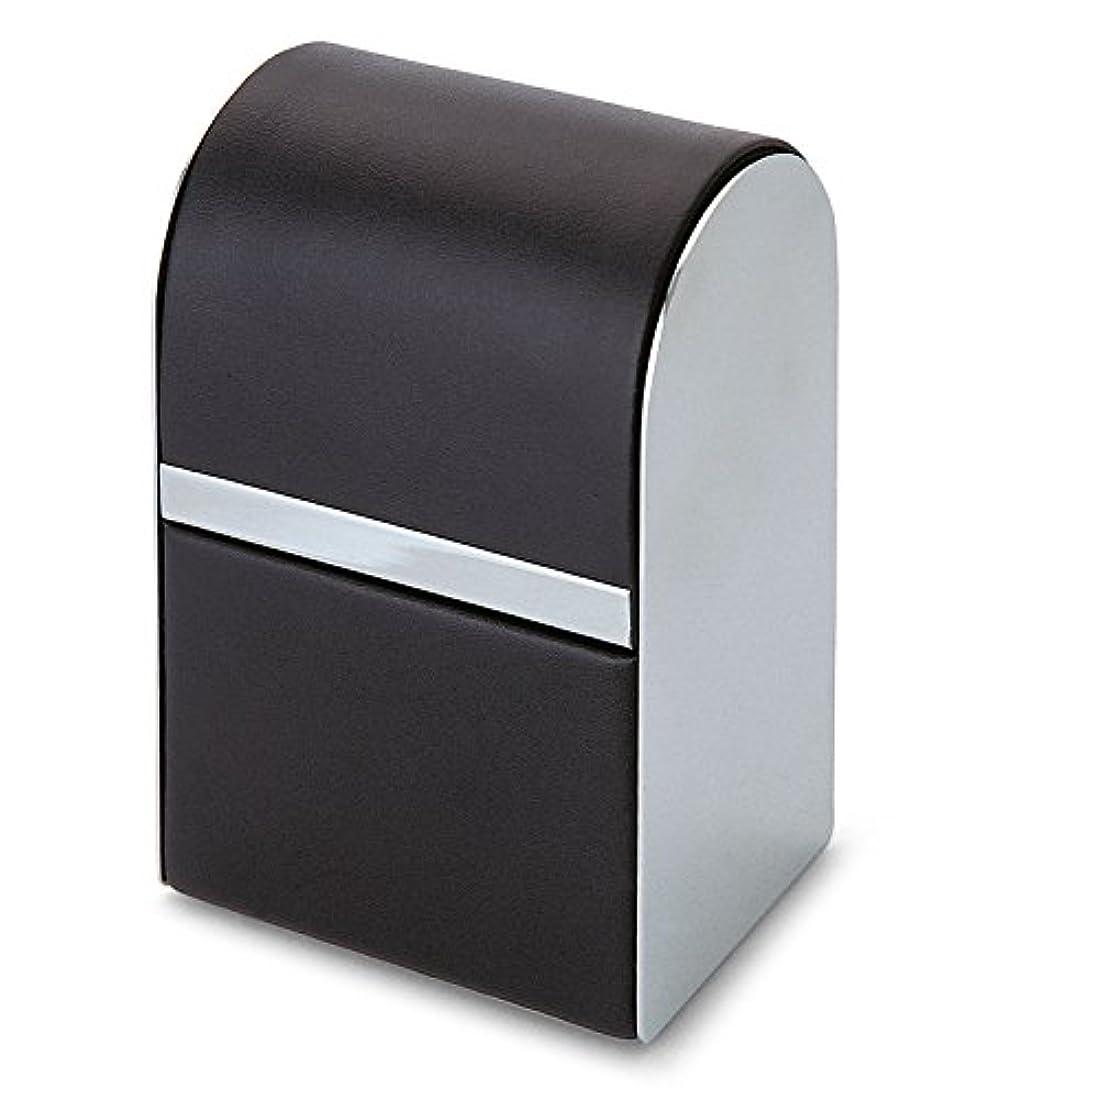 相手タイピスト毛細血管Philippi Giorgio メンズ身だしなみキット 7pcsセット leather stainless polished